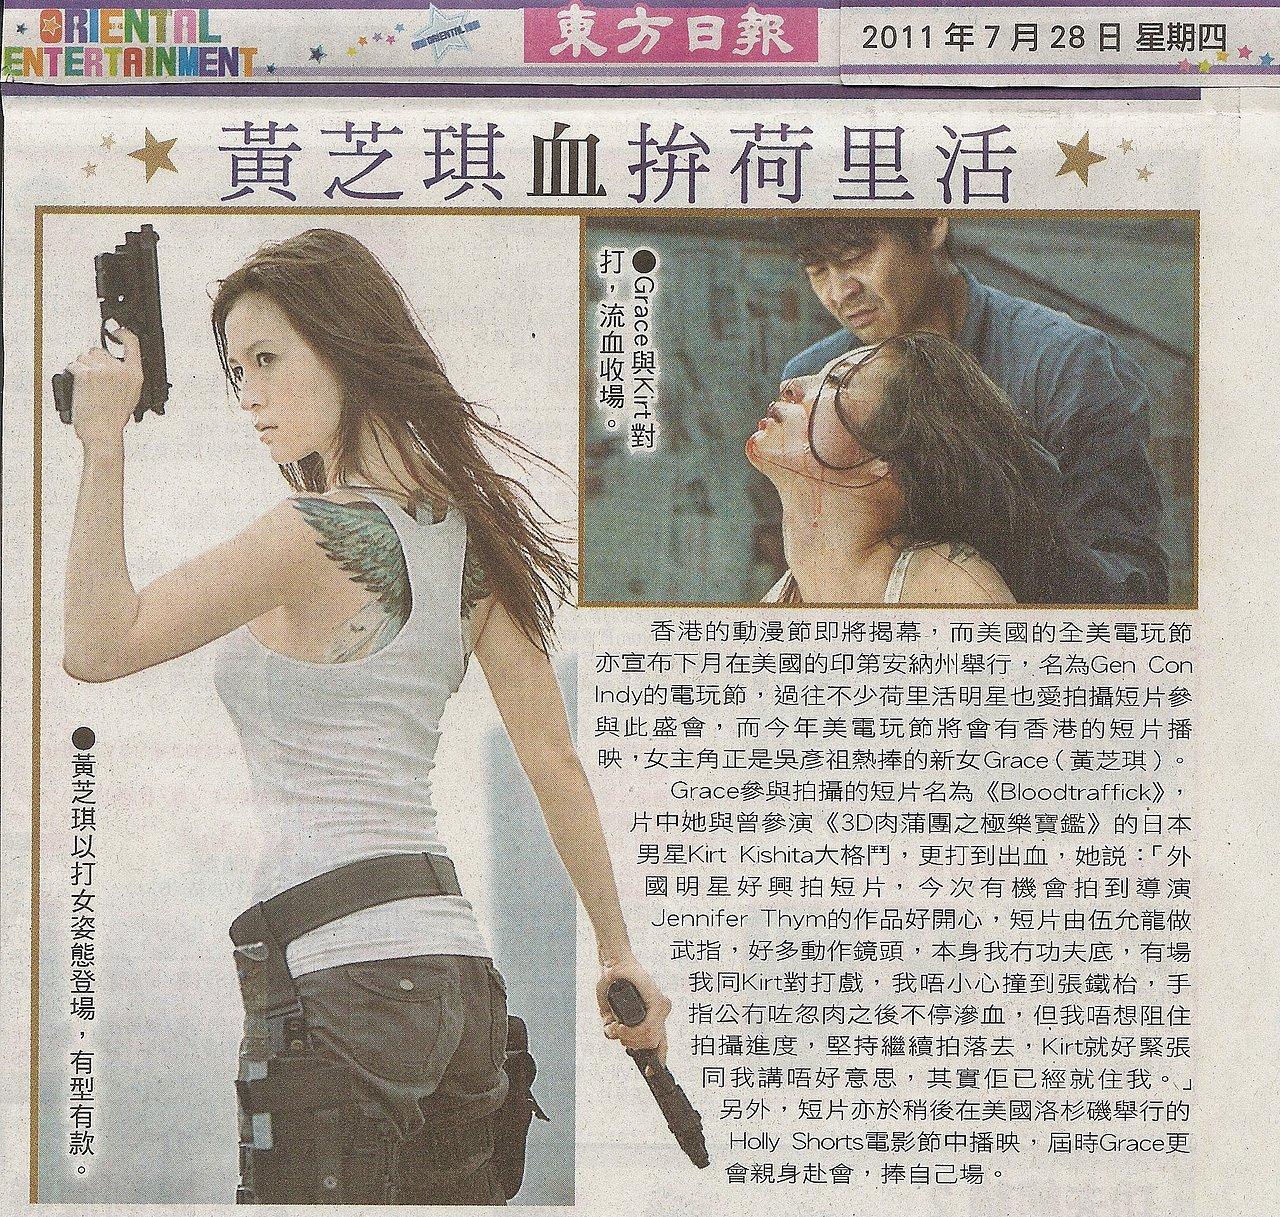 OrientalDailyNewspaper20110728